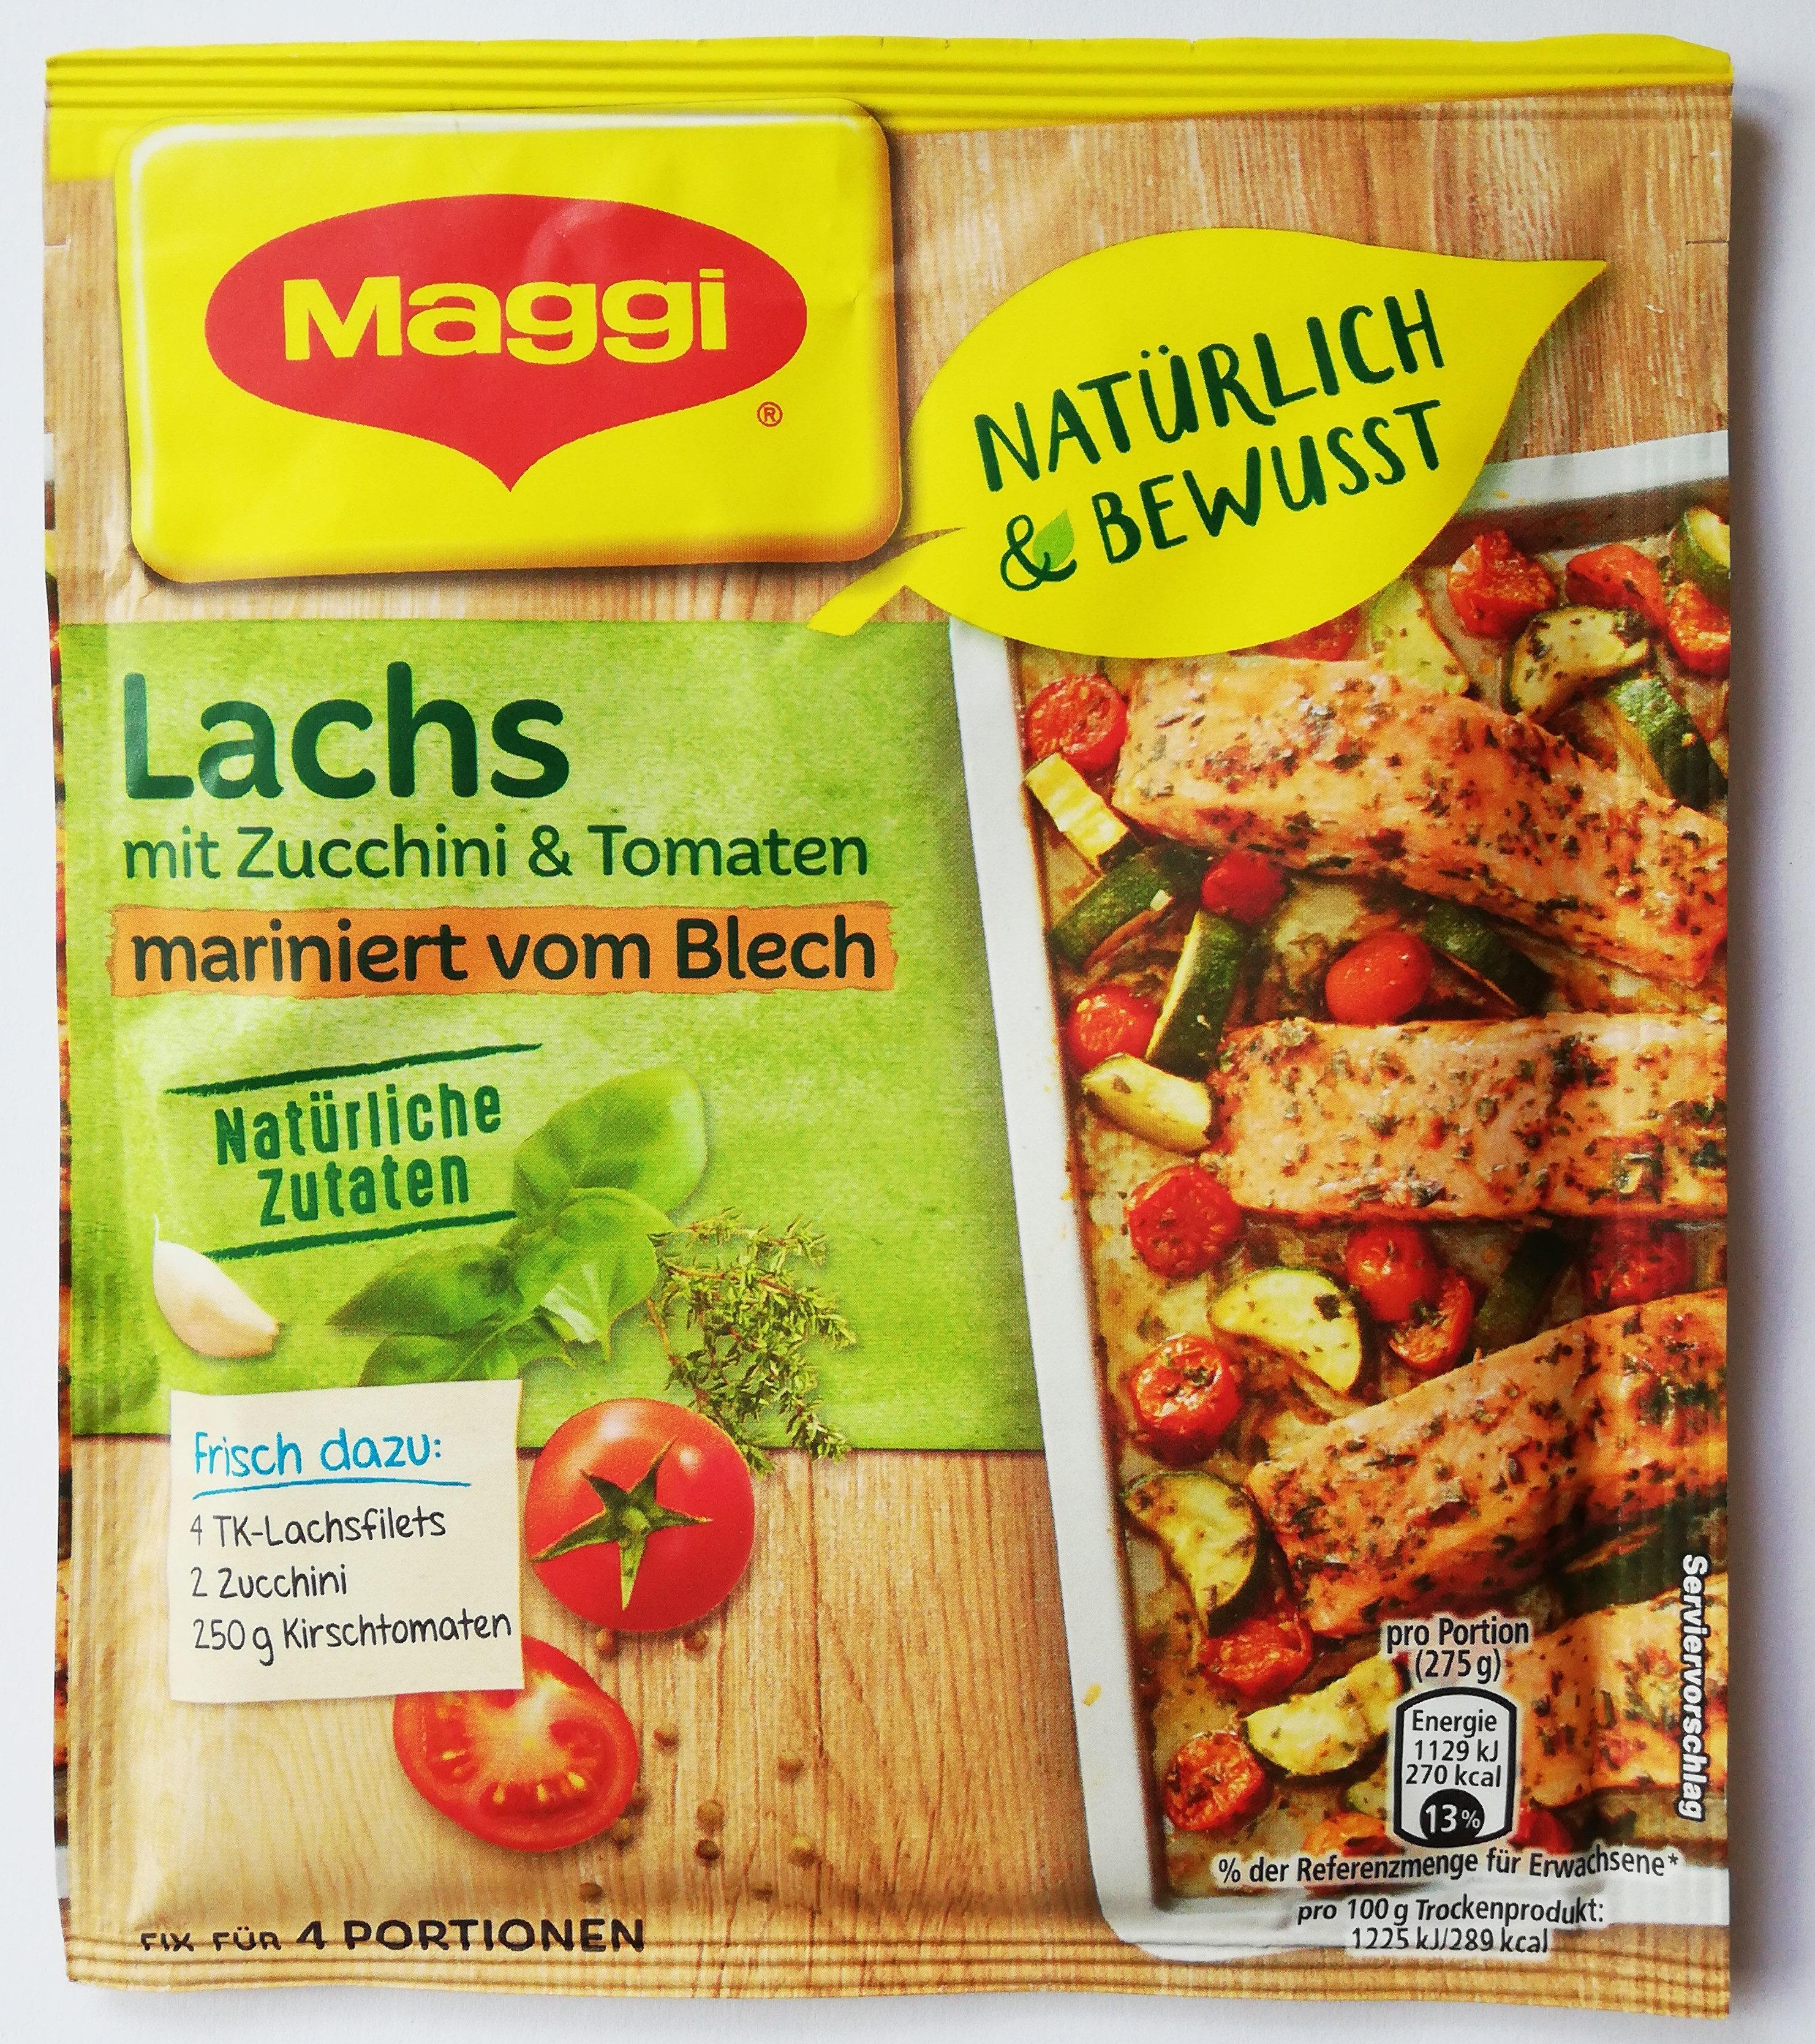 Lachs mit Zucchini und Tomaten - Maggi - 26 g